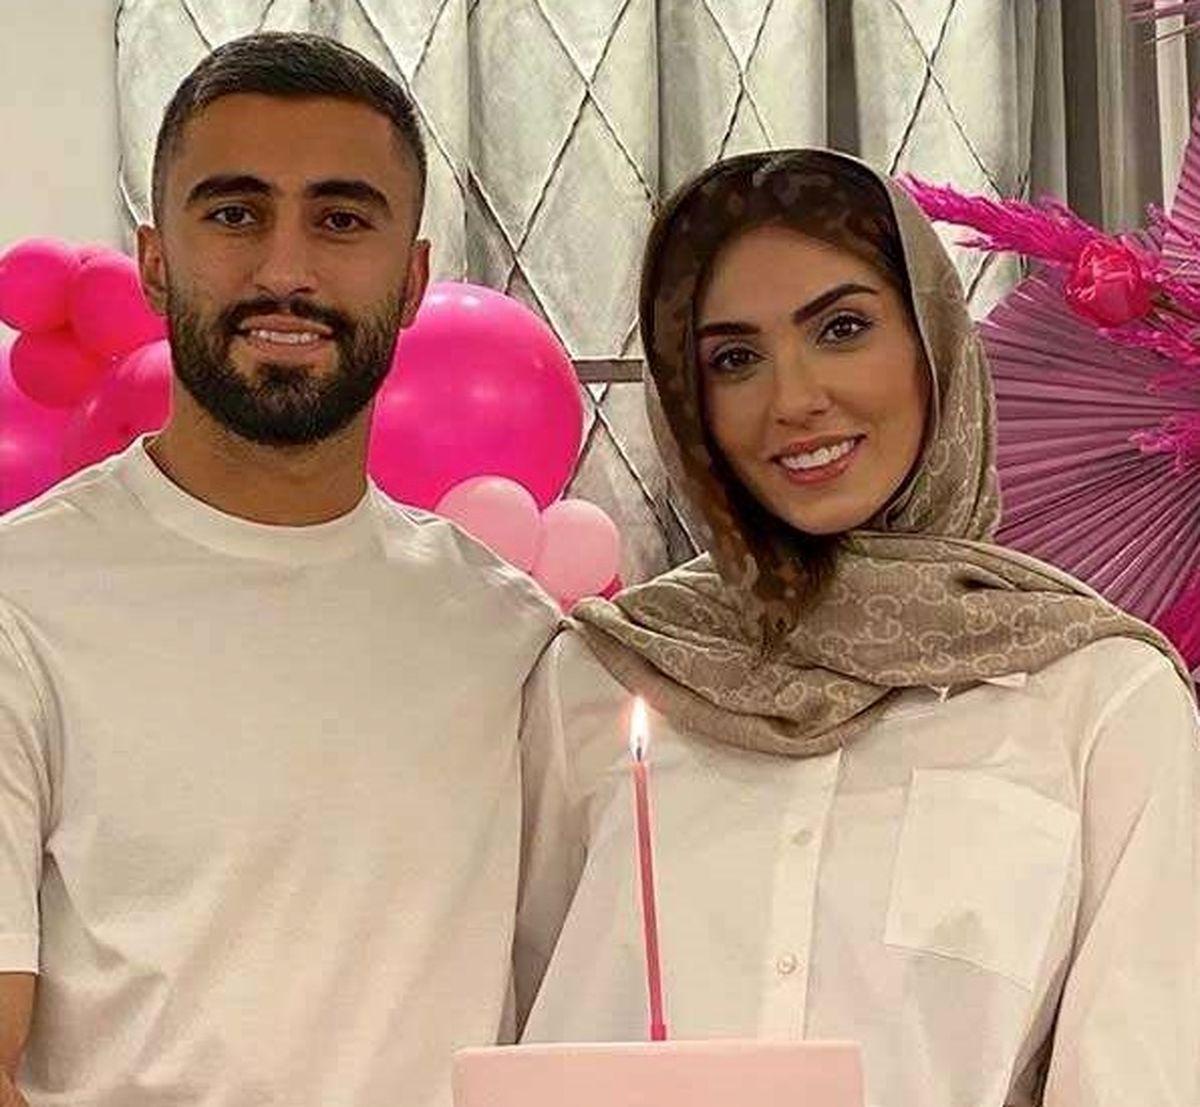 عکس دیده نشده کاوه رضایی فوتبالیست معروف و همسرش